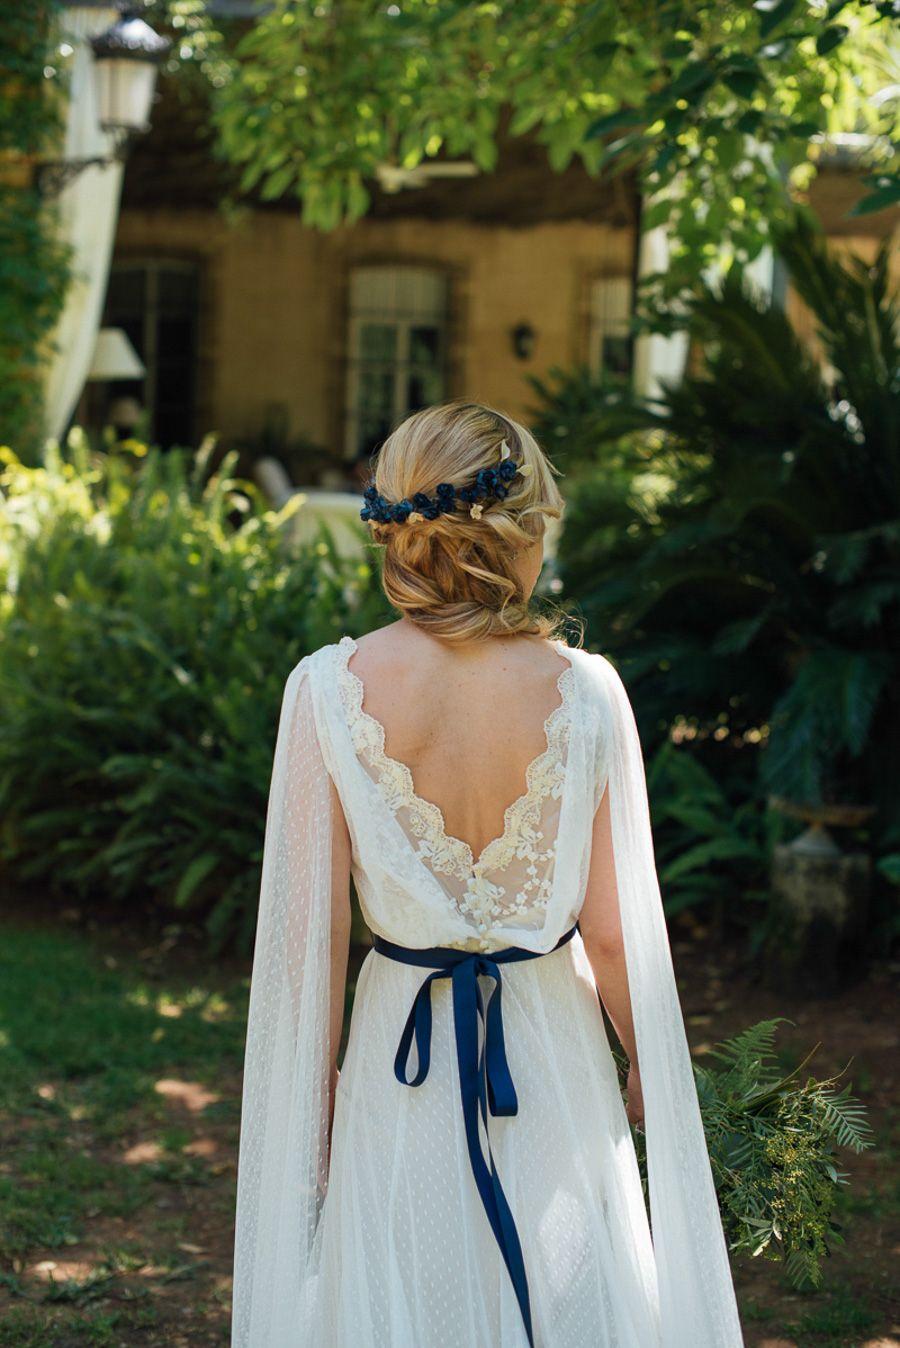 calista-one-lista-de-bodas-online-blog-de-bodas-inspiracion-bodas-v-y-j-19